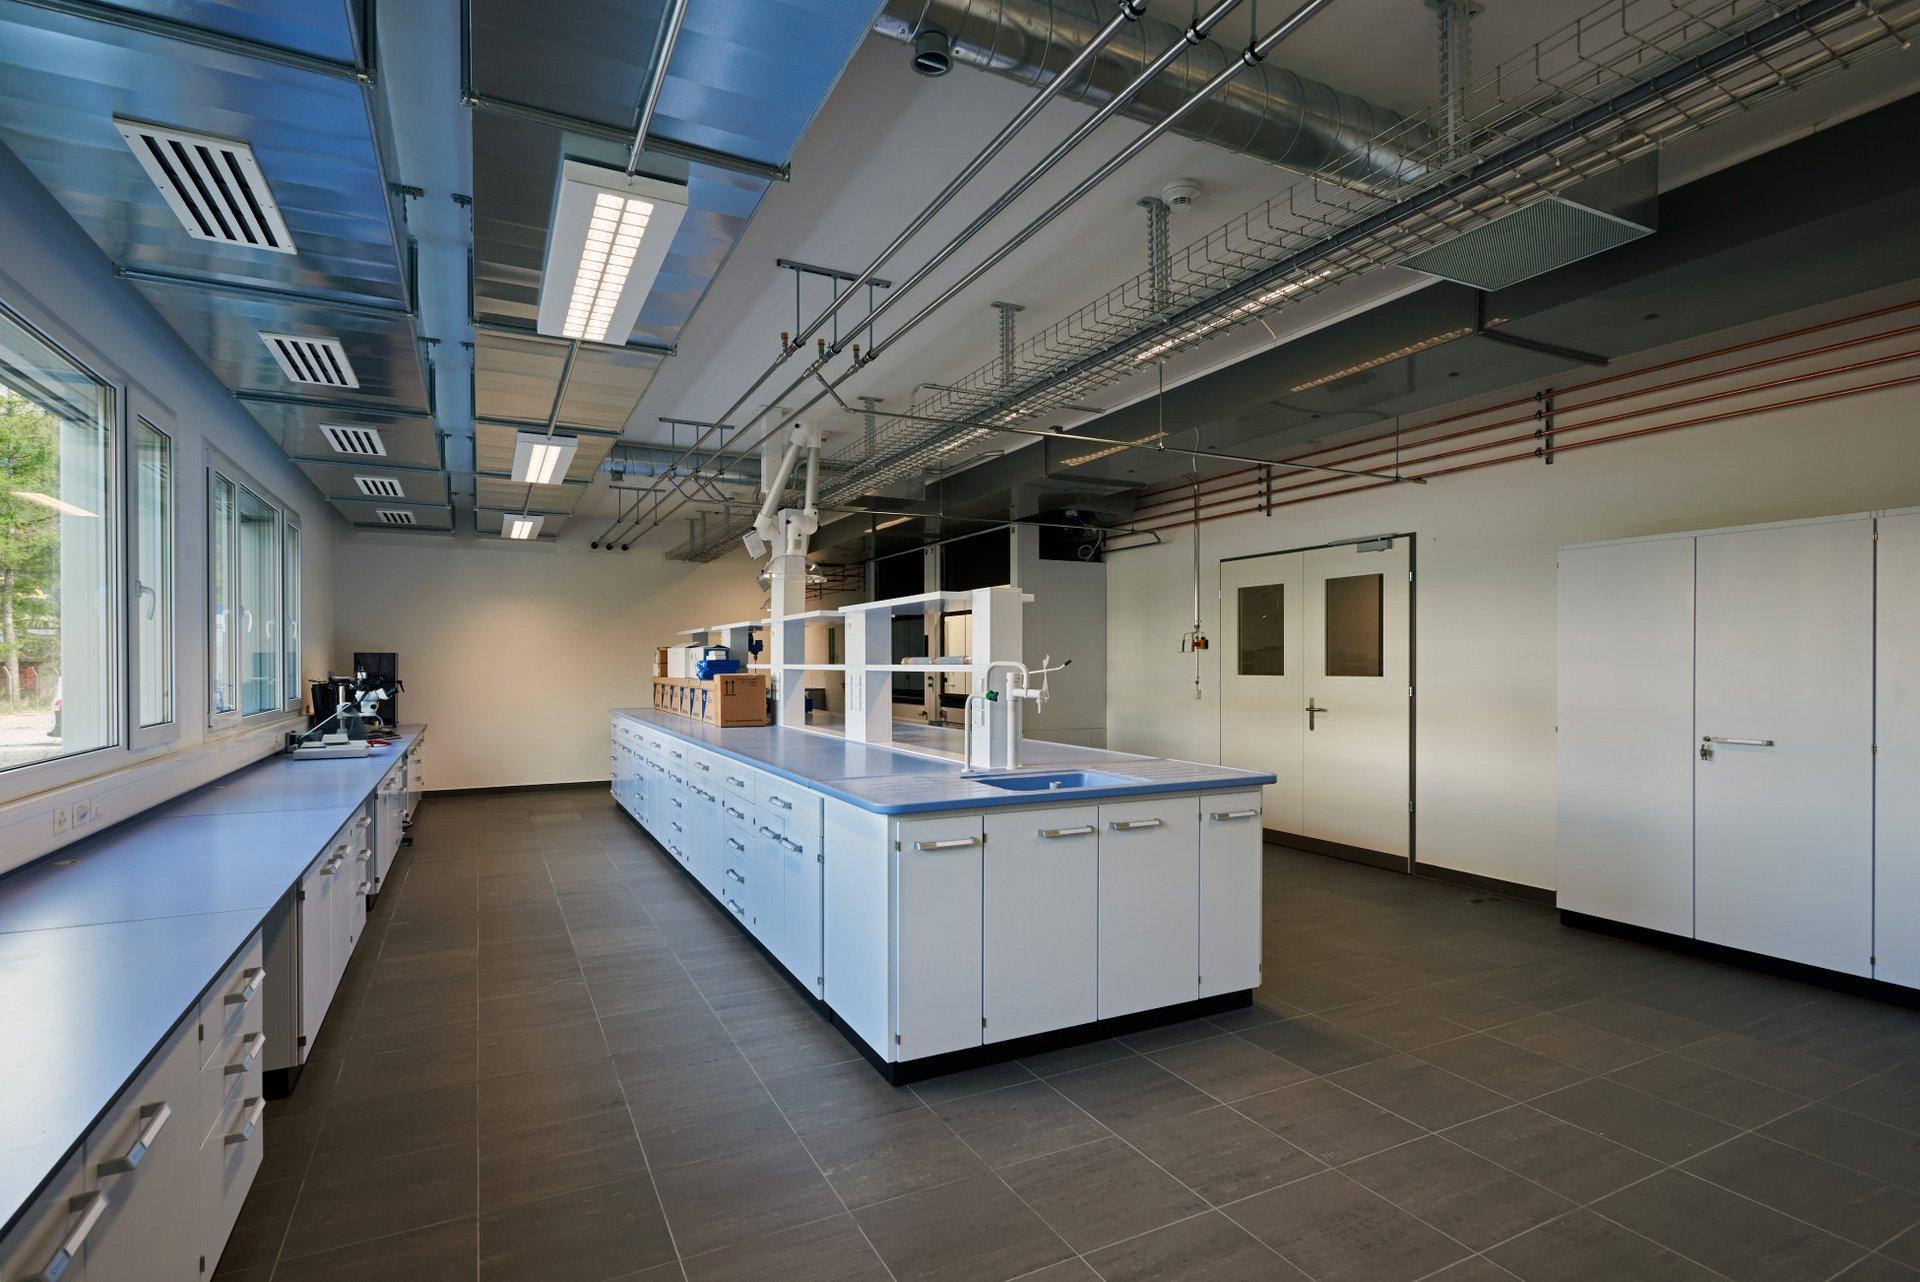 Blick in ein Raum für Forschungszwecke, metallene Belüftungsschächte zieren die Decke und spiegeln sich im darunterliegenden dunkelbraunen Steinboden